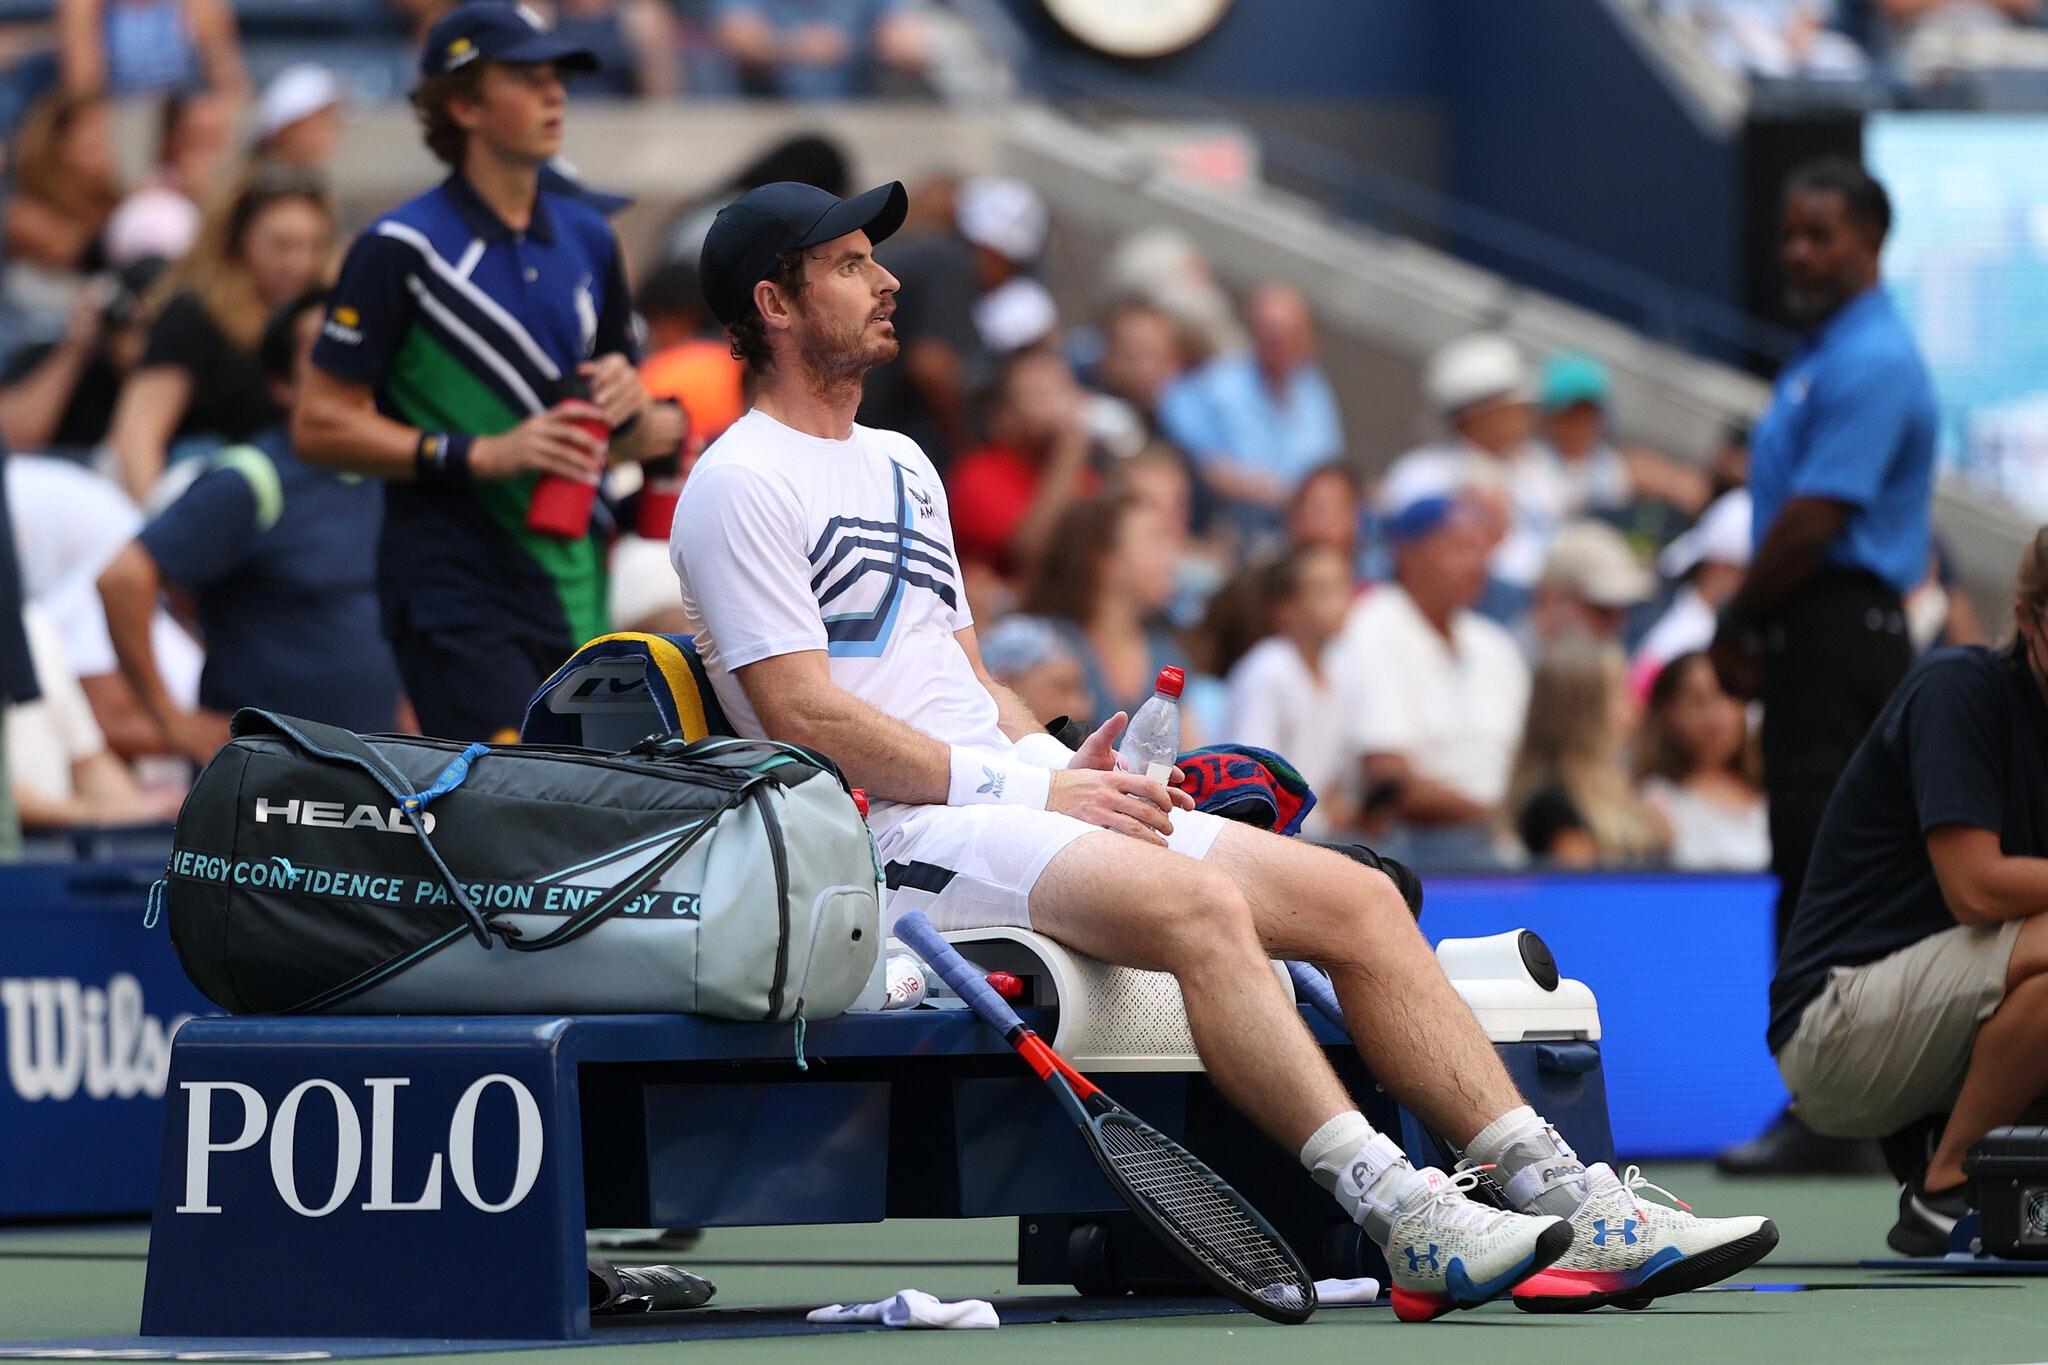 Murray ngồi chờ Tsitsipas đi vệ sinh ở trận đấu vòng một Mỹ Mở rộng hôm 31/8. Ảnh: US Open